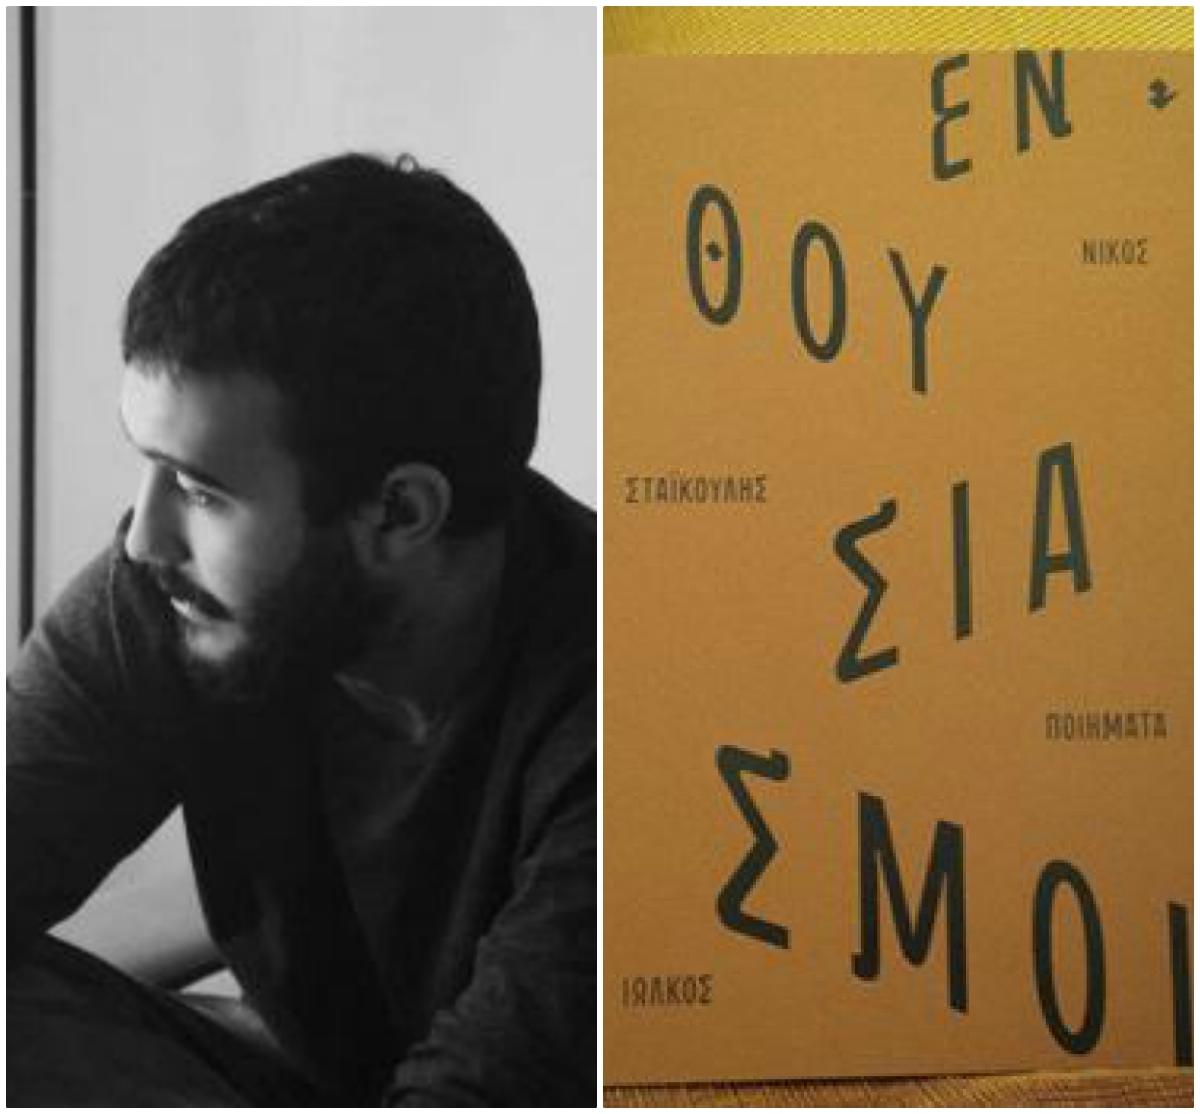 «Ενθουσιασμοί»: η πρώτη ενθουσιώδης ποιητική συλλογή του Νίκου Σταϊκούλη